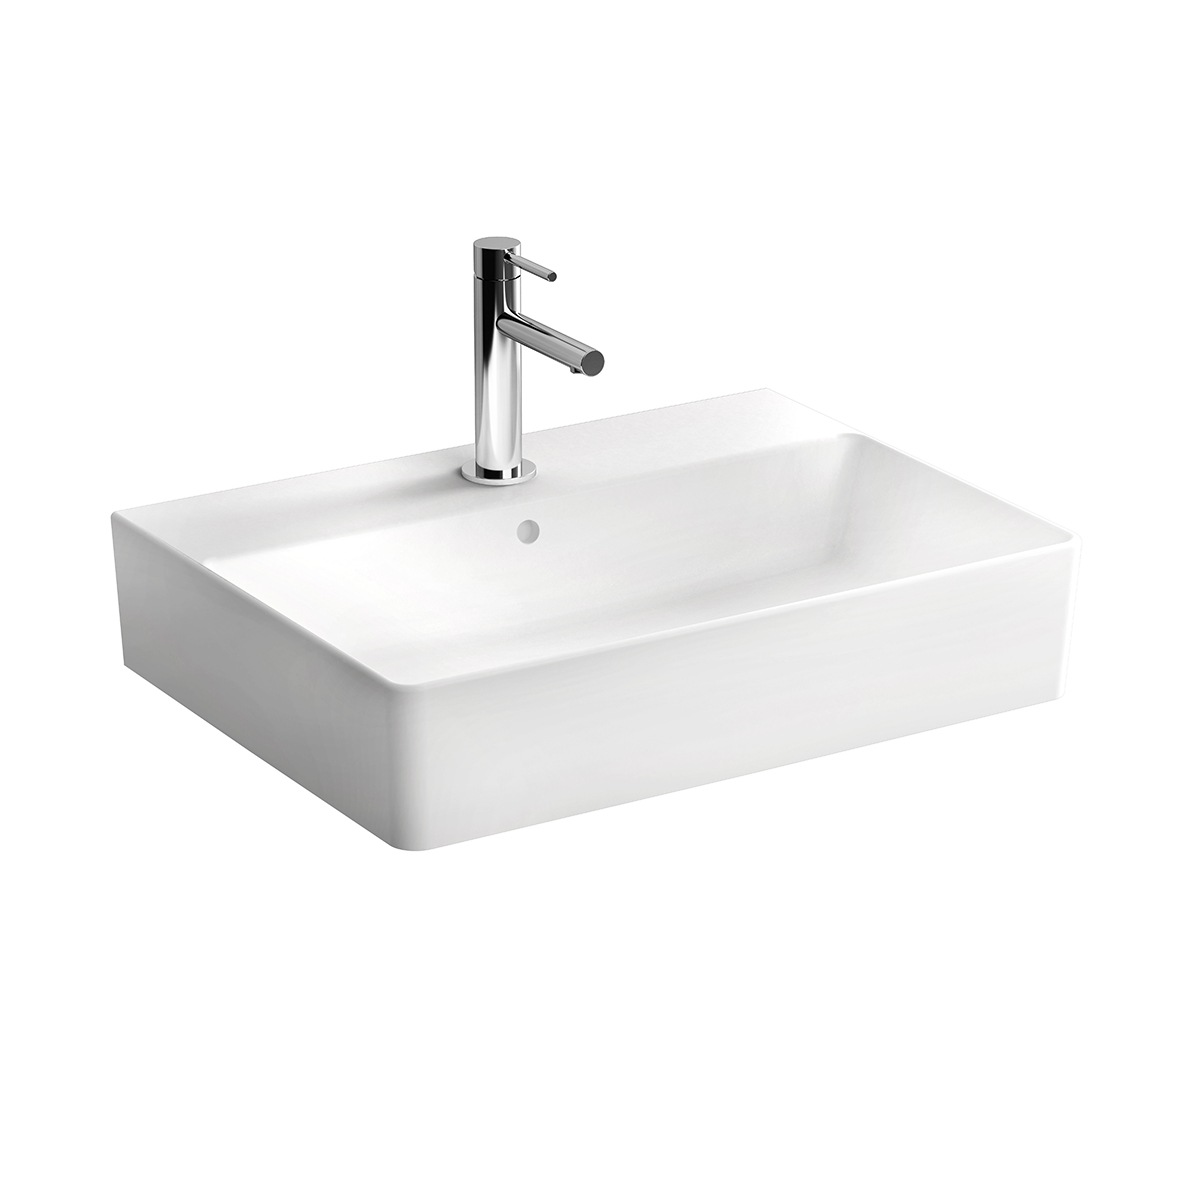 Nuo Waschtisch 60 cm, mit Hahnloch, mittig mit Überlaufloch, Weiß